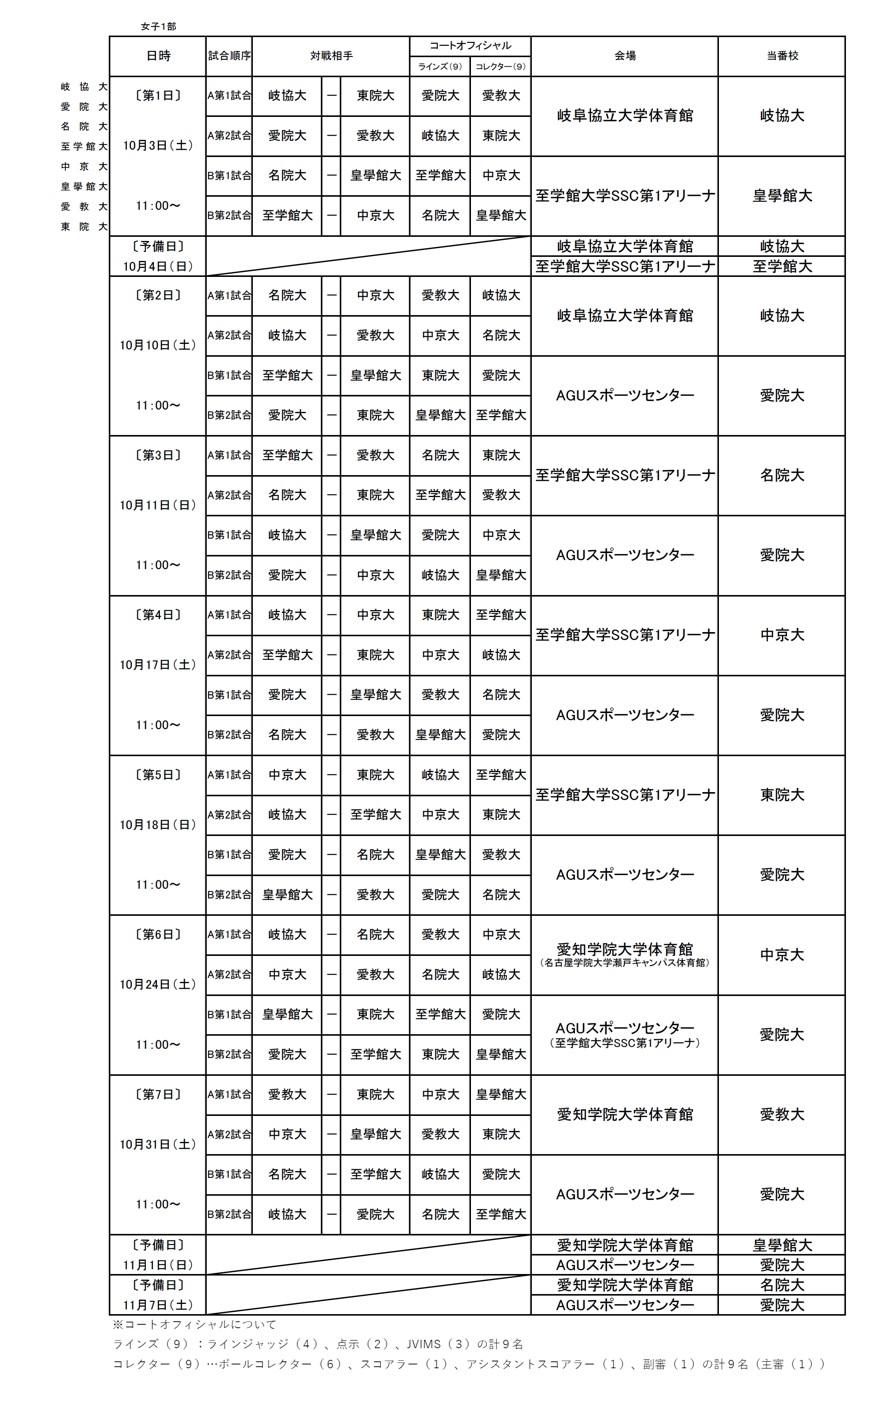 2020年度_東海大学バレーボール_秋季リーグ_女子1部_組合せ